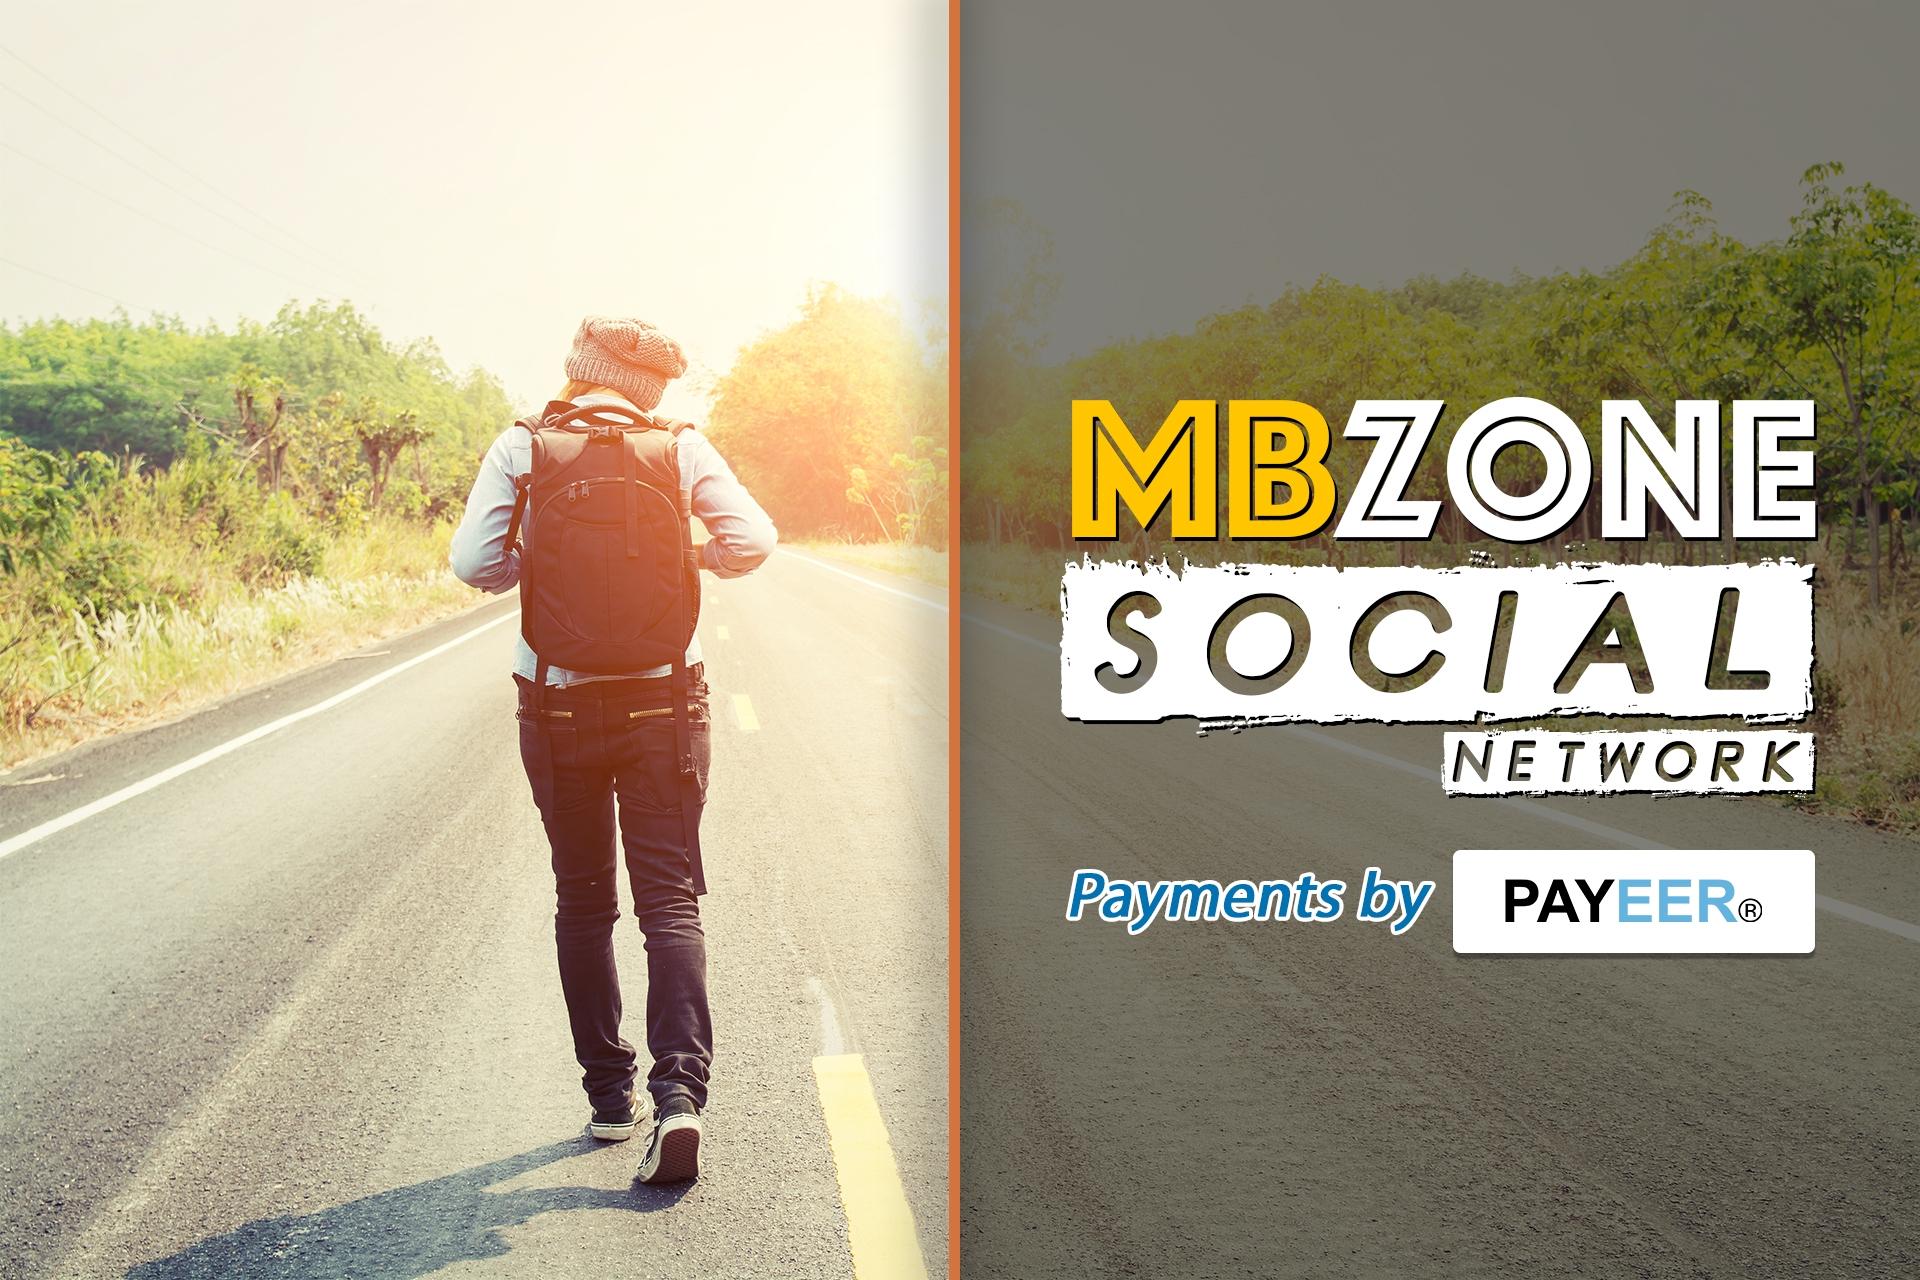 MBZ Community - Business Marketing